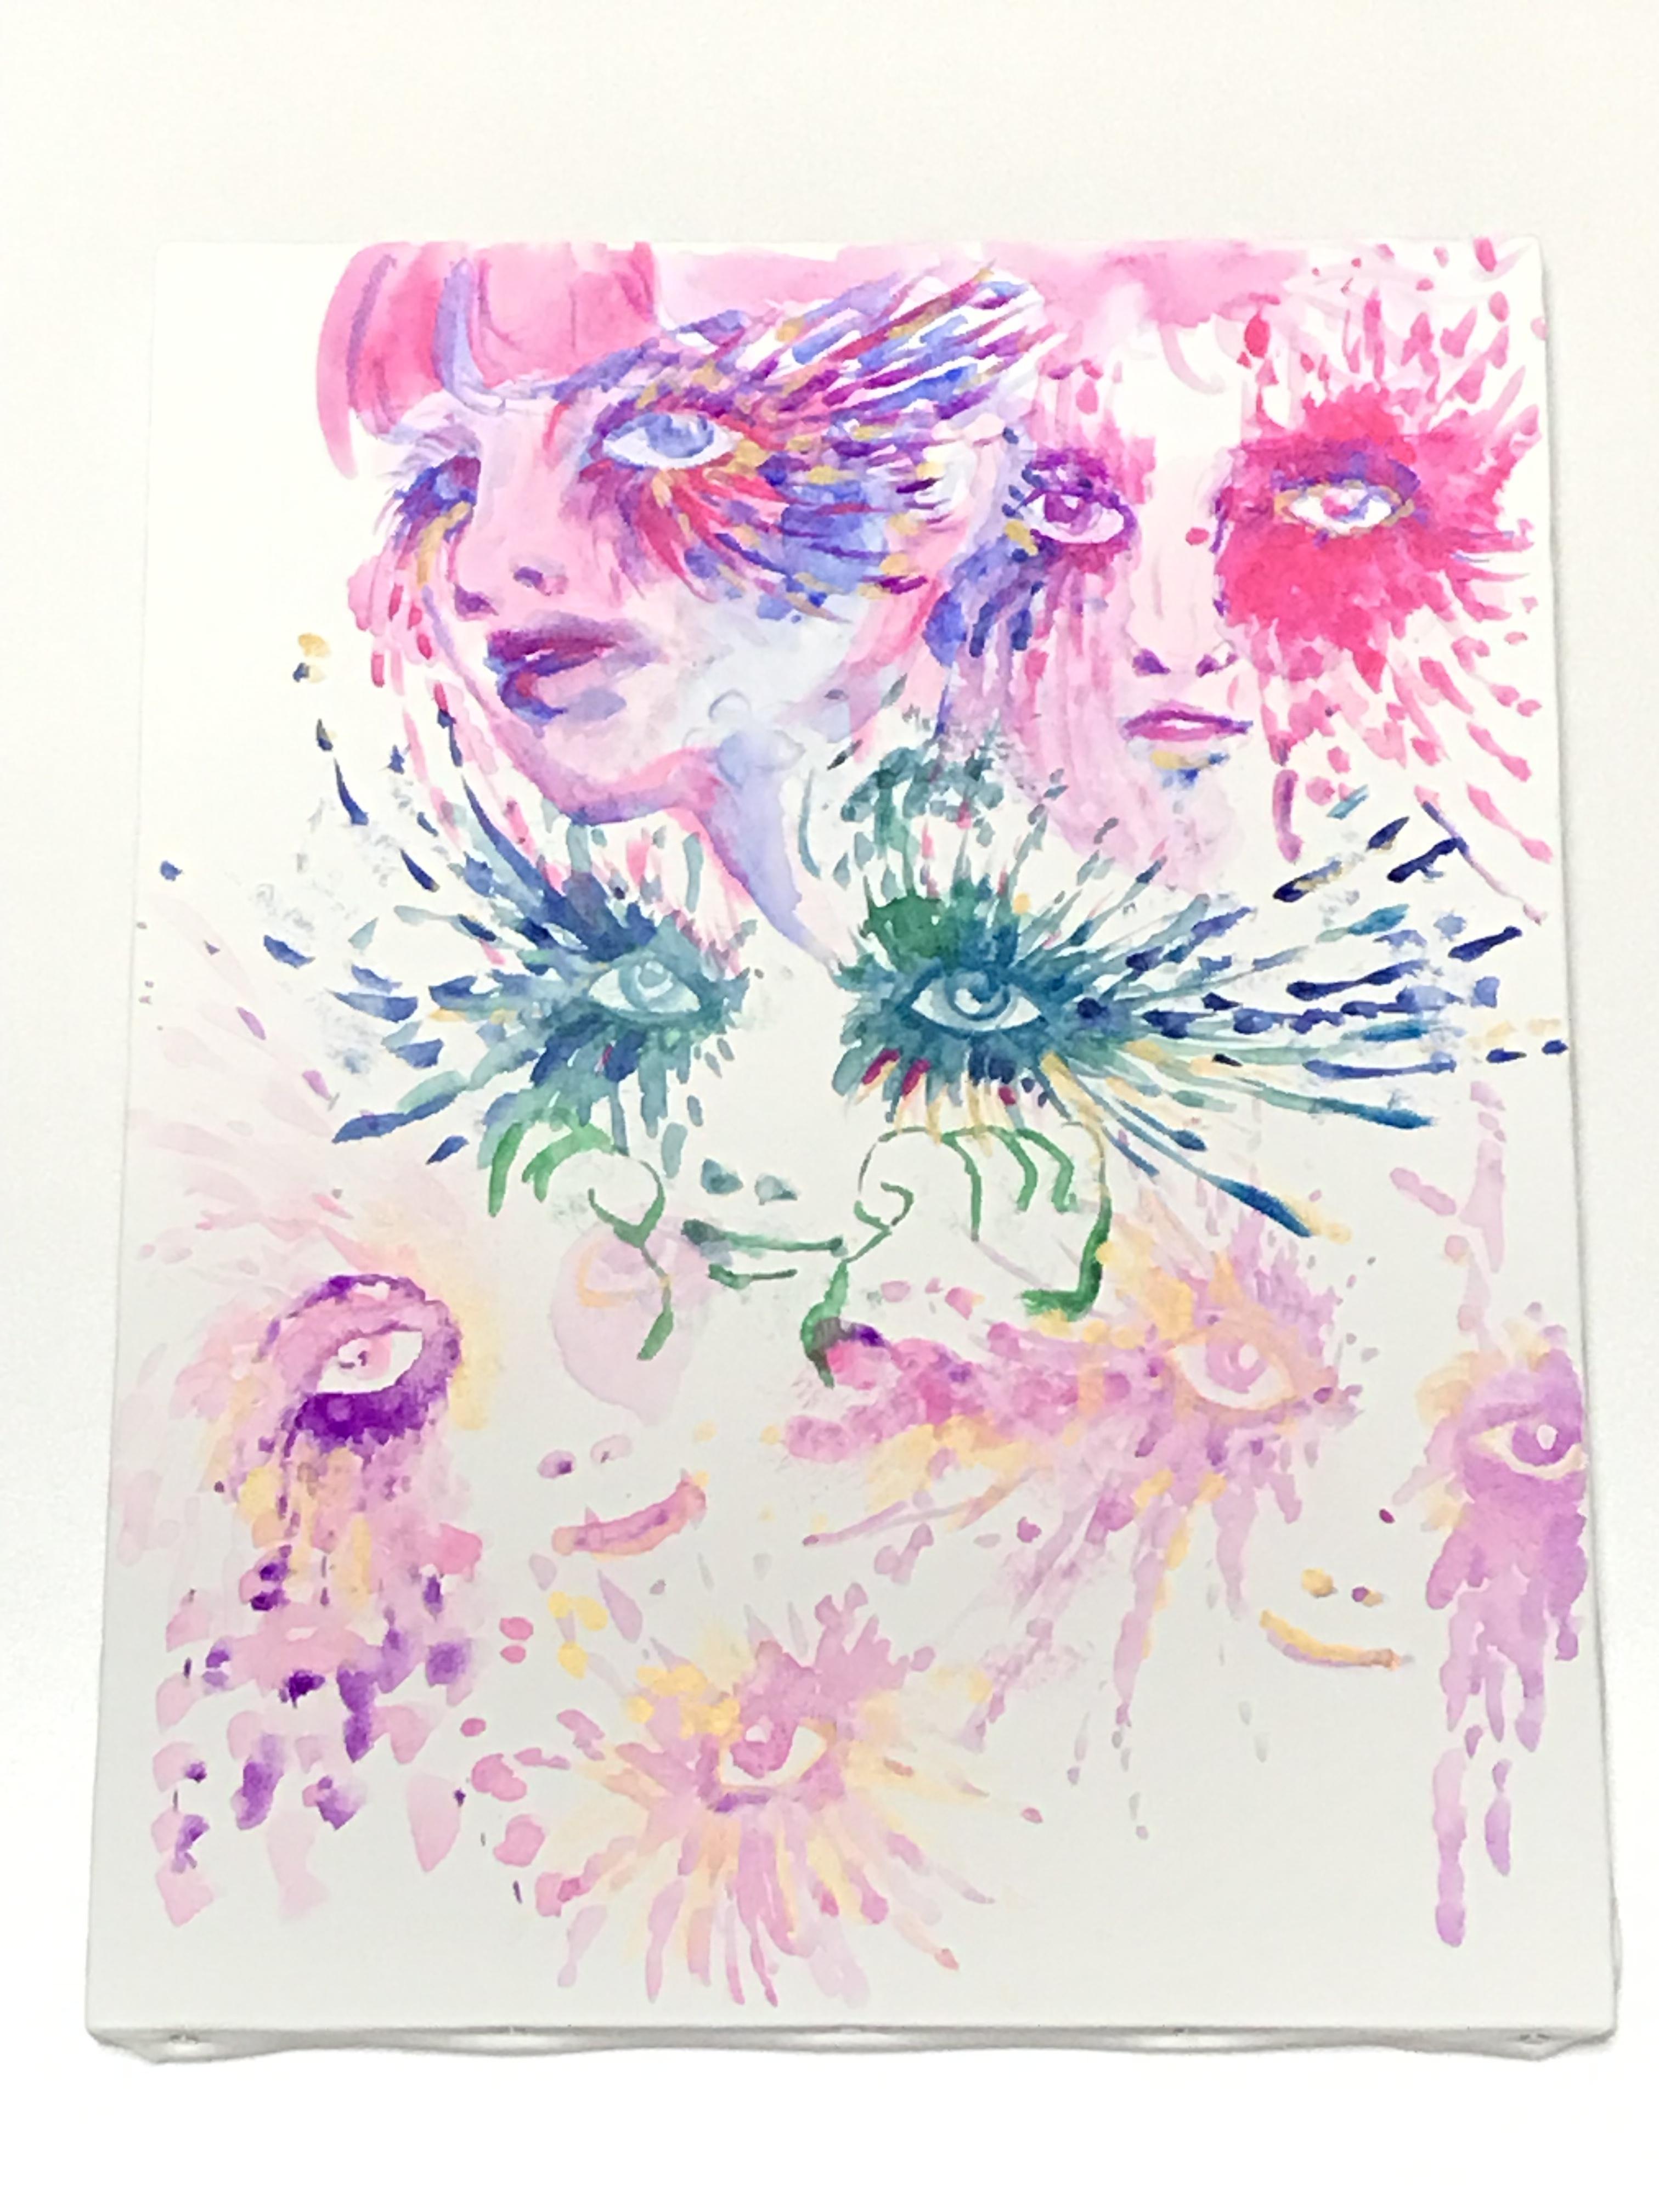 Mutsuko Hosokawaのチャネリングアート 特集